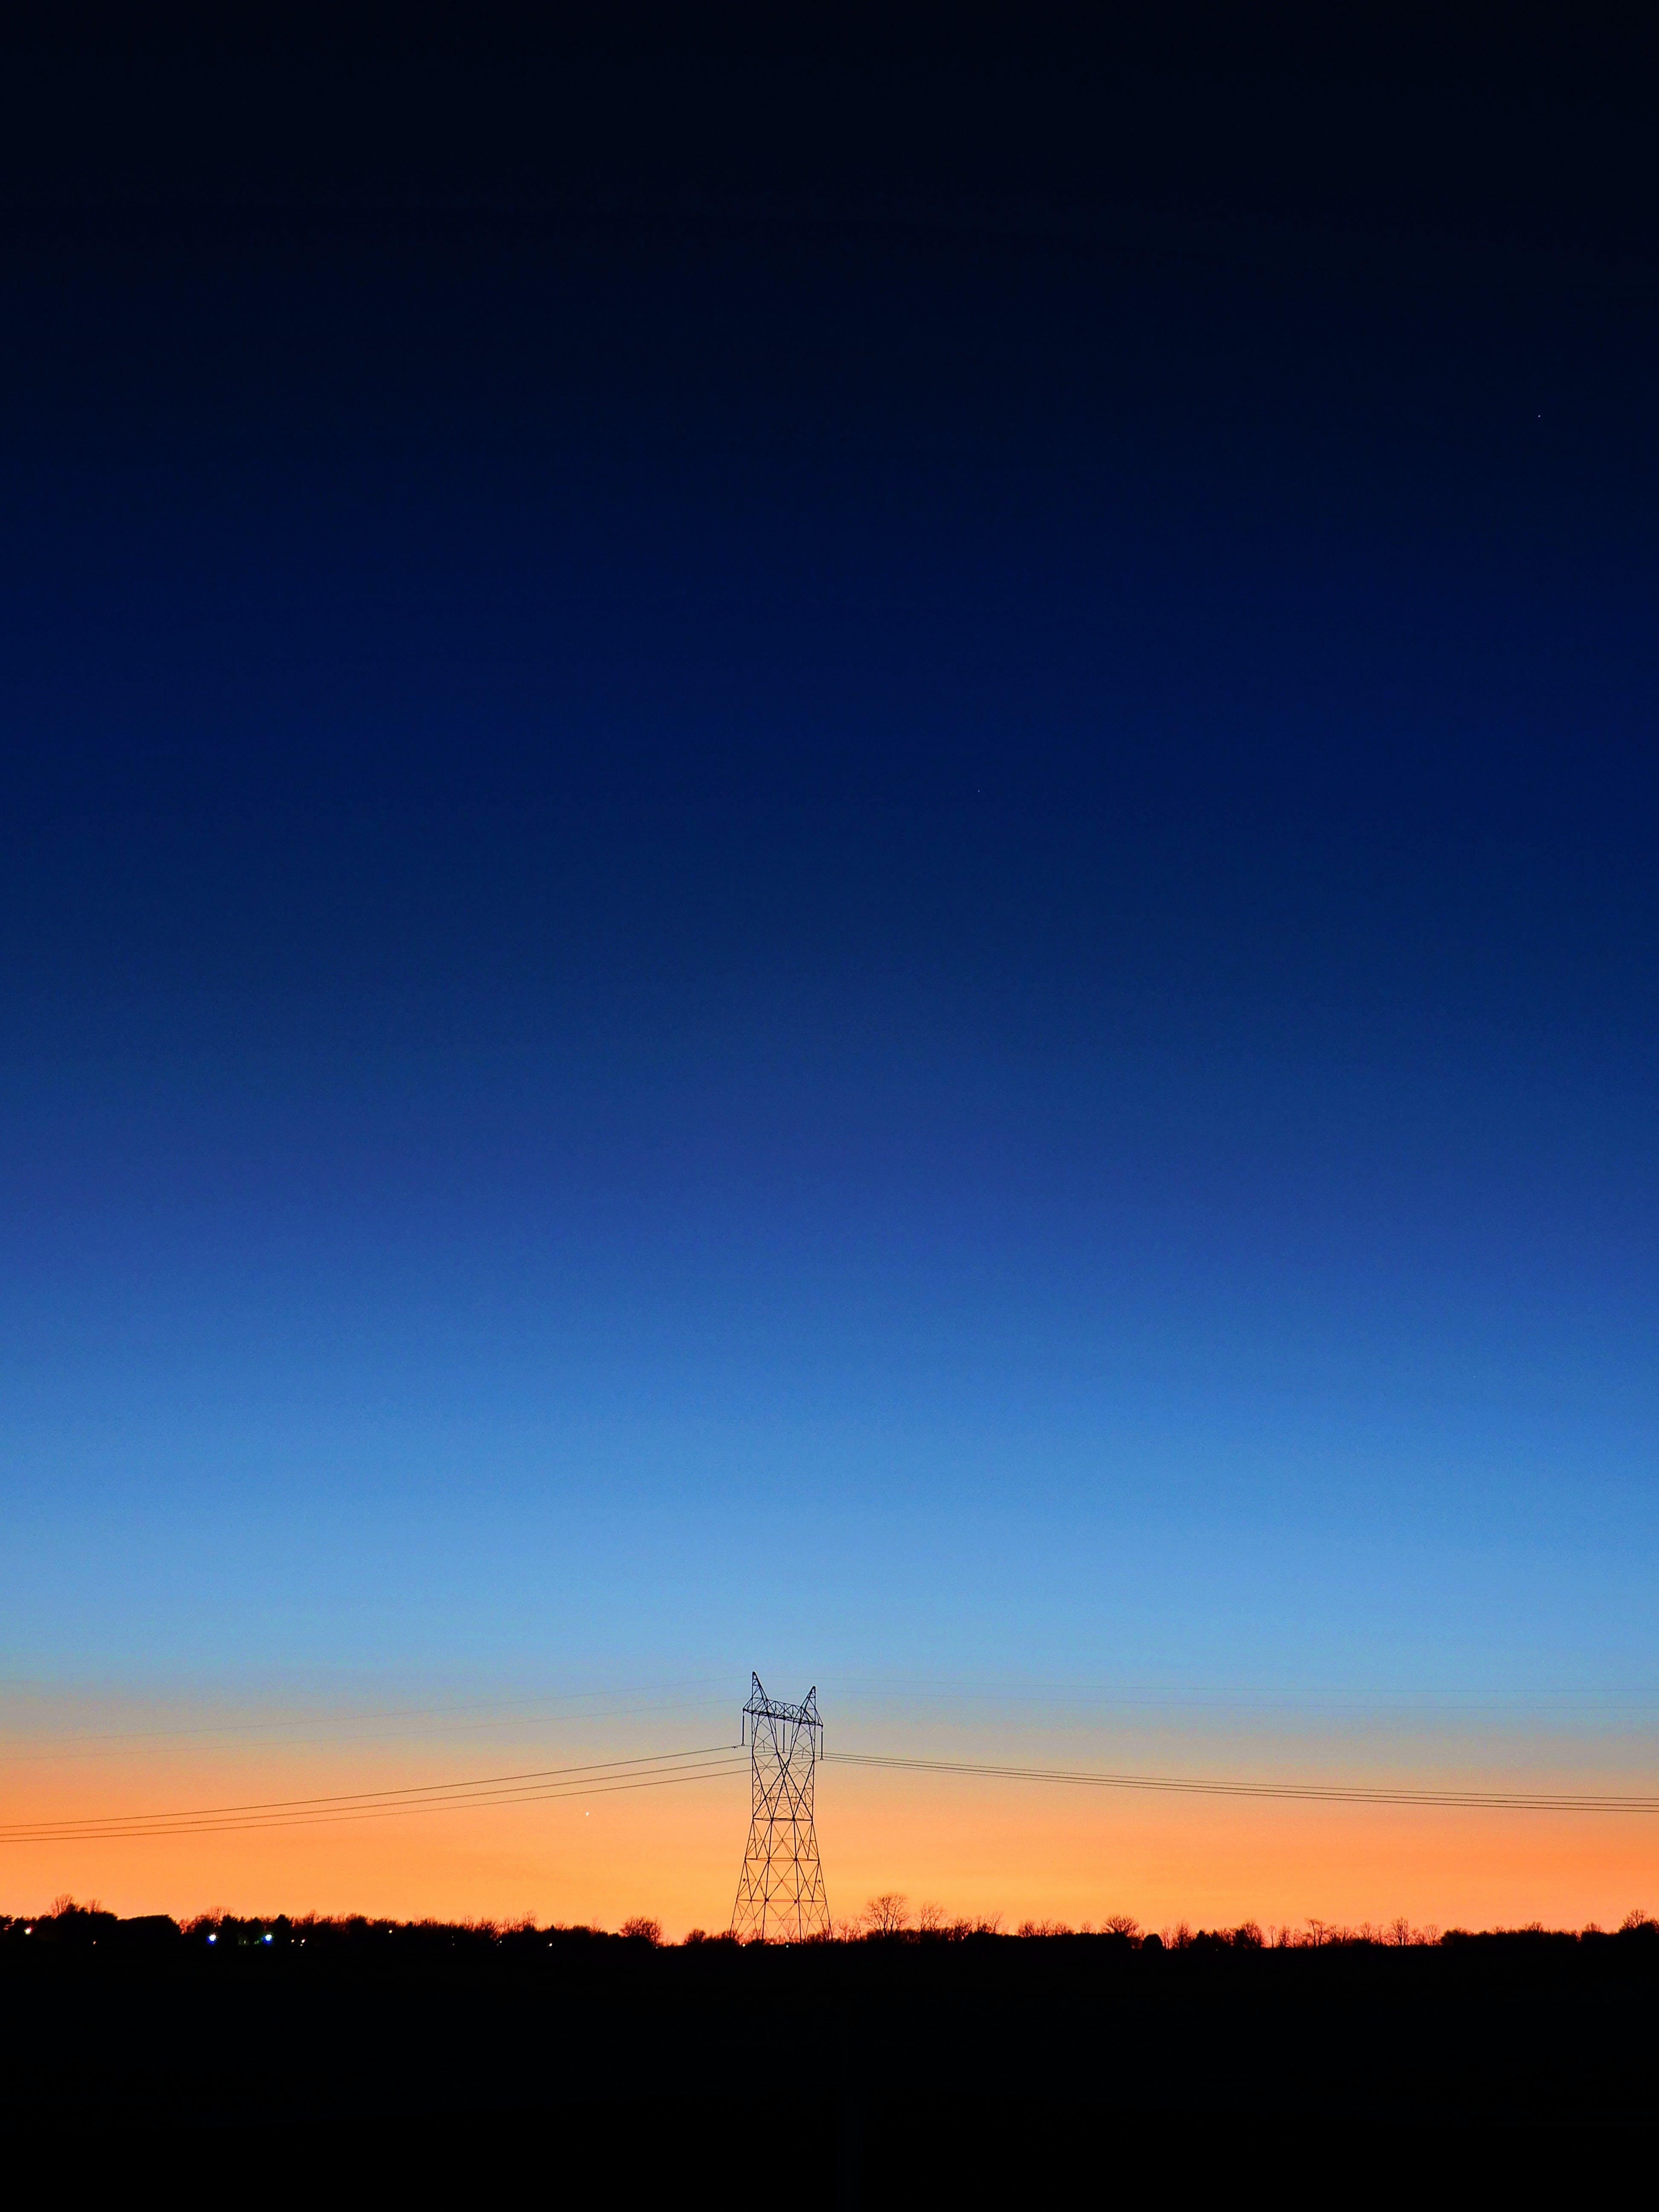 Black Transmitter Tower Under Blue and Orange Sky